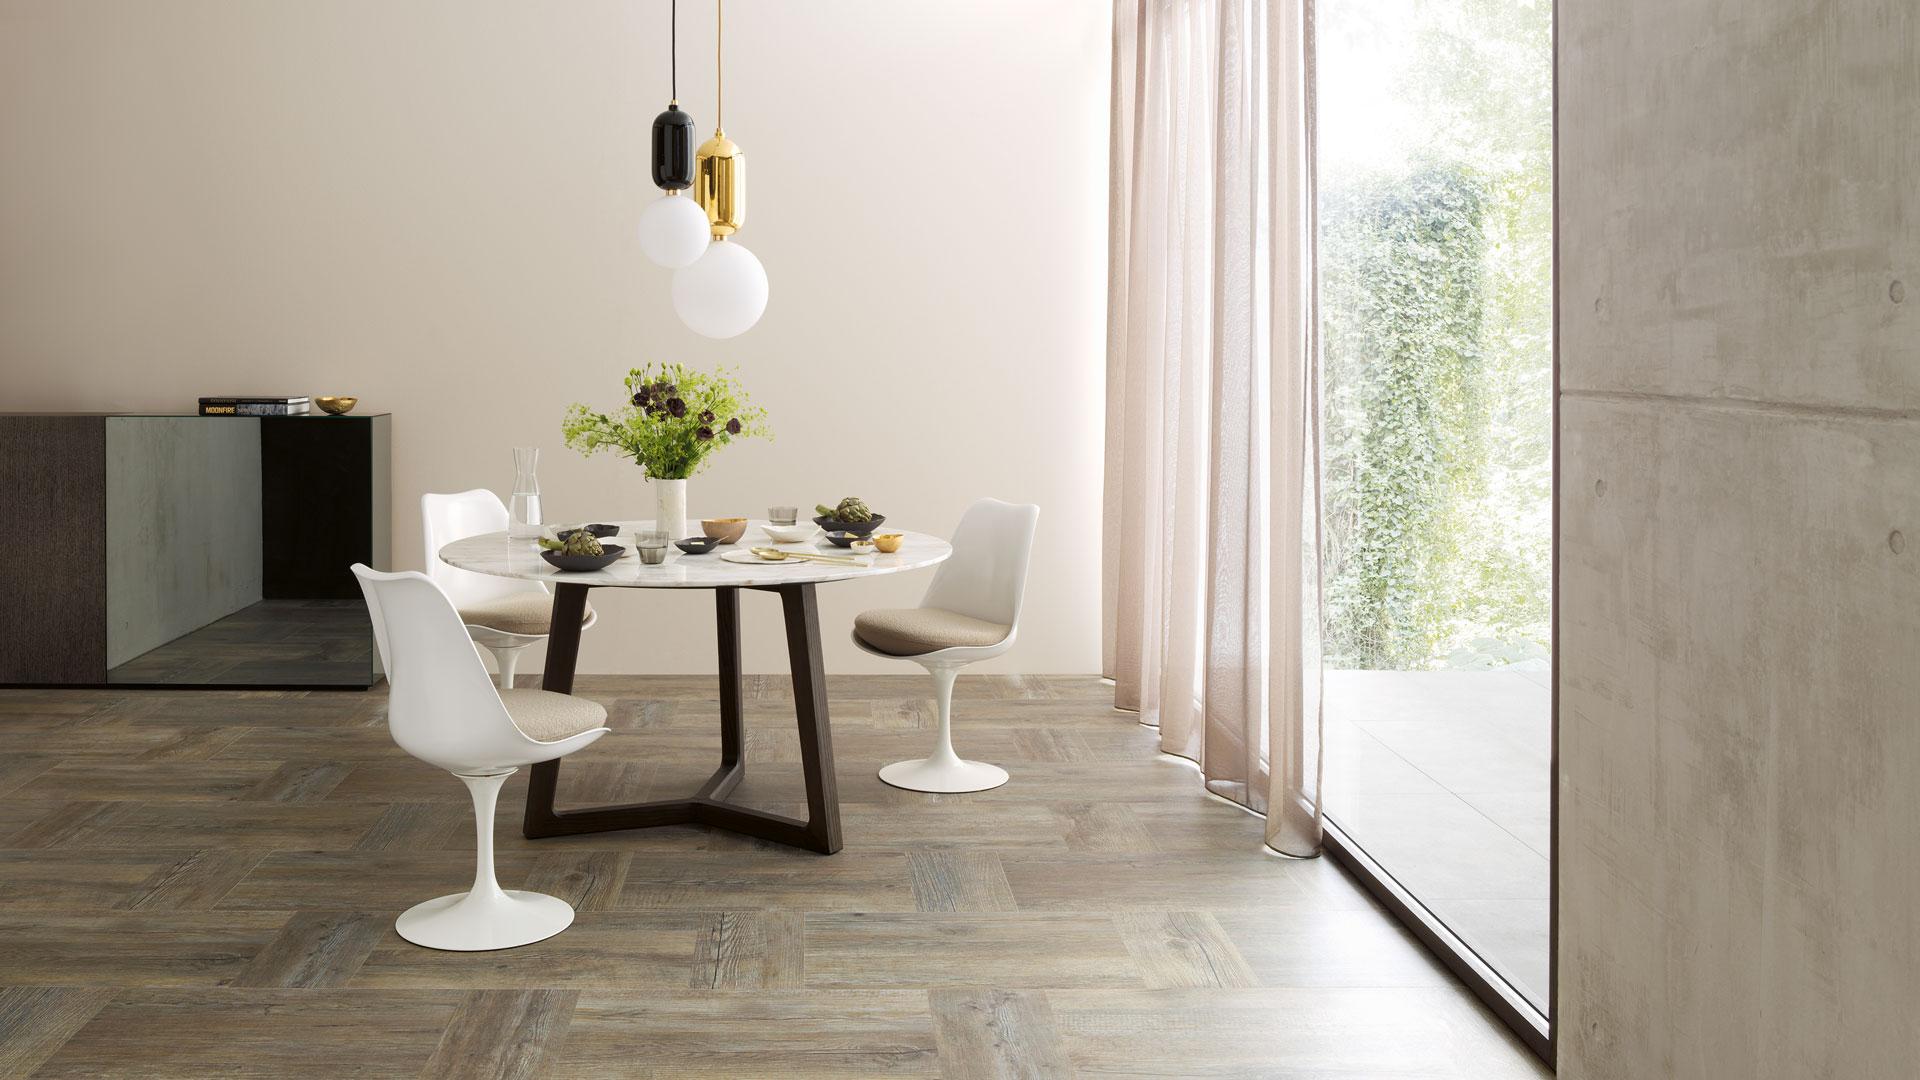 Robust, hochwertig, rutschfest - ein idealer Boden für den Wohnbereich und die Küche bei P&R Leoben